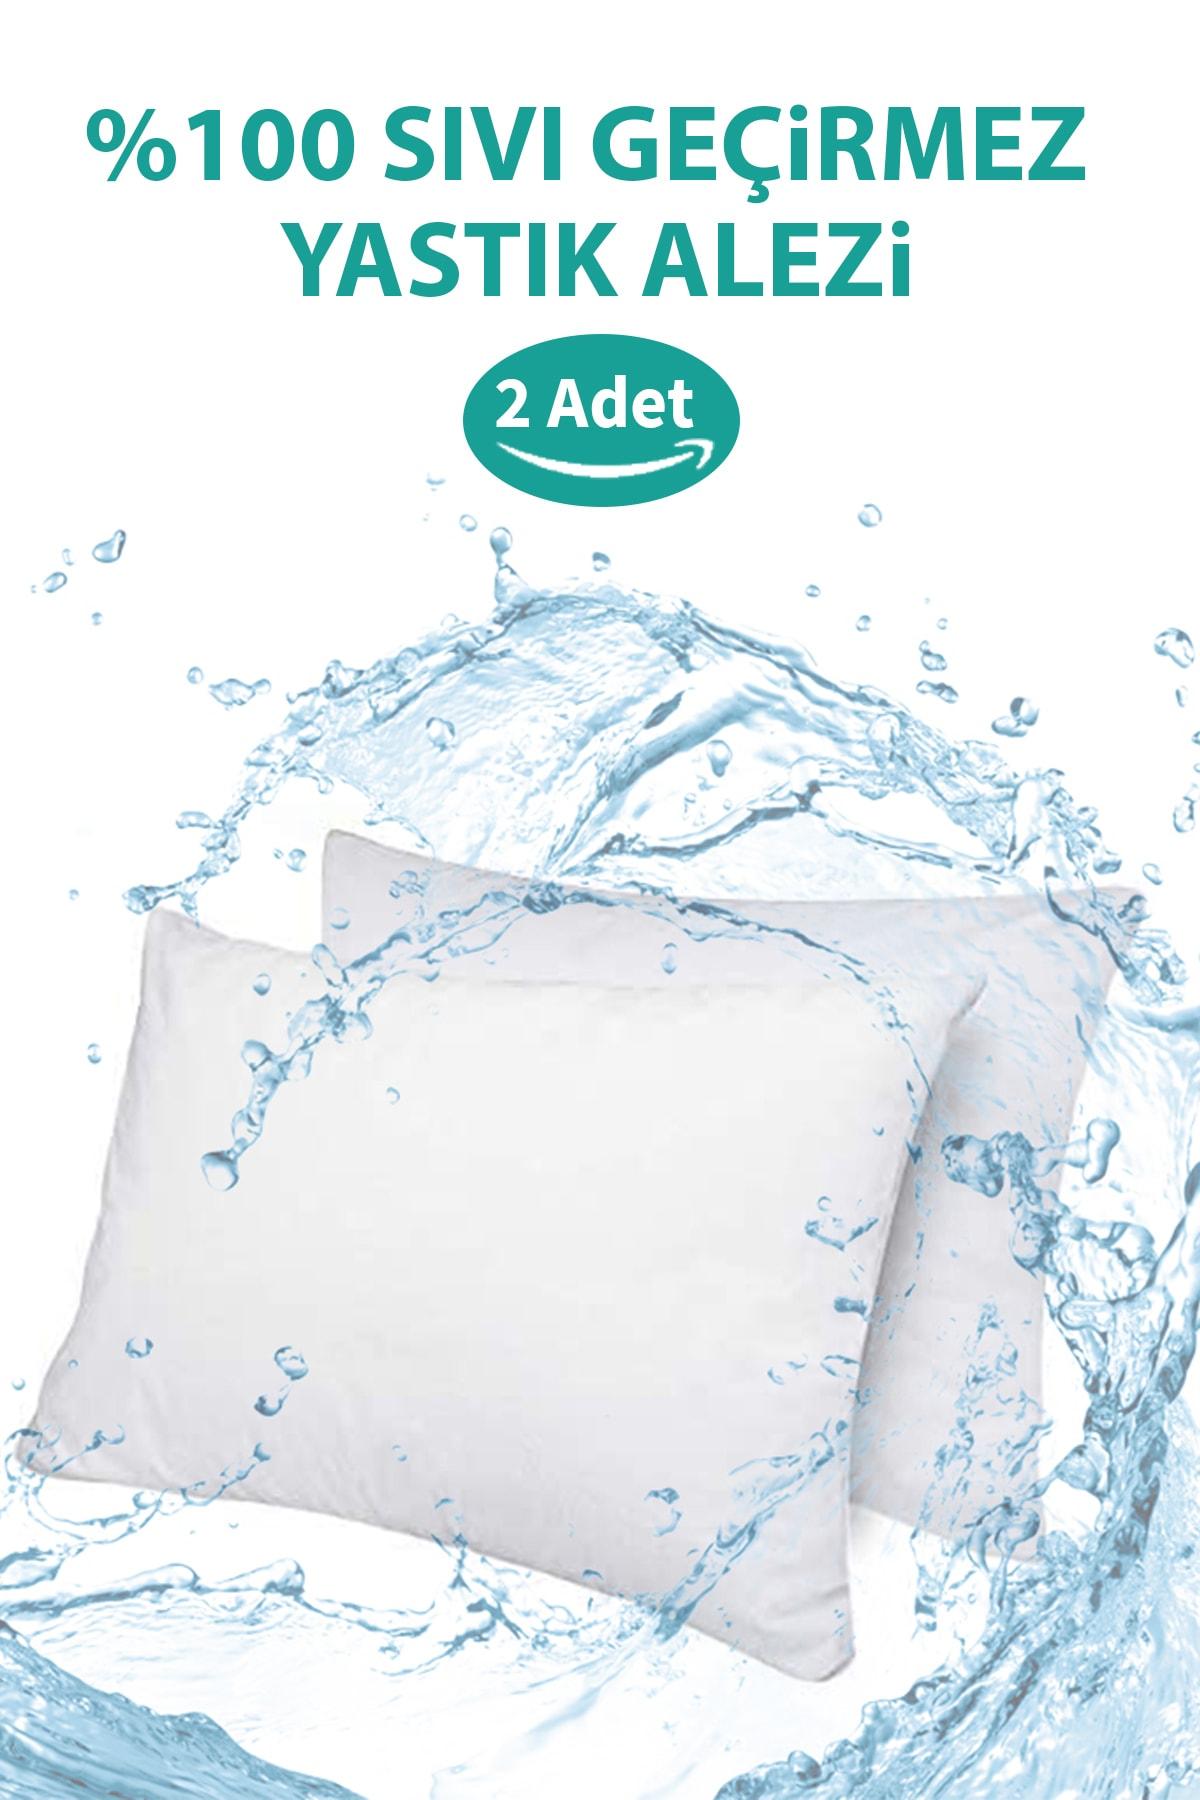 2 Adet Su Sıvı Geçirmez Yastık Alezi Pamuklu Fermuarlı Terletmeyen Yastık Koruyucu Kılıf